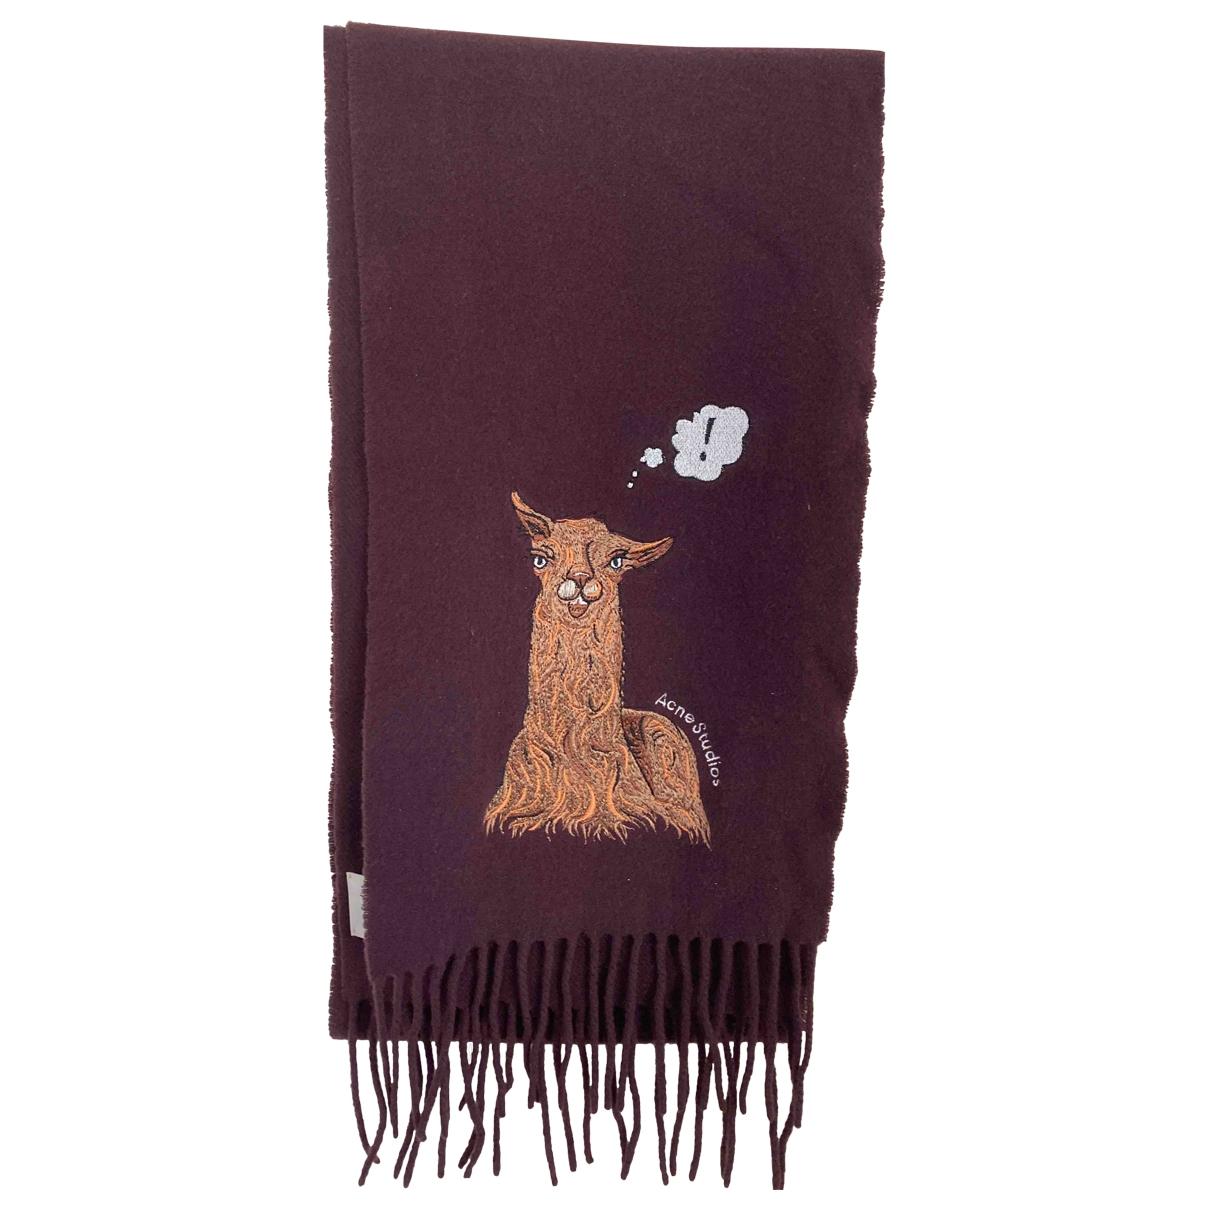 Acne Studios \N Burgundy Wool scarf for Women \N